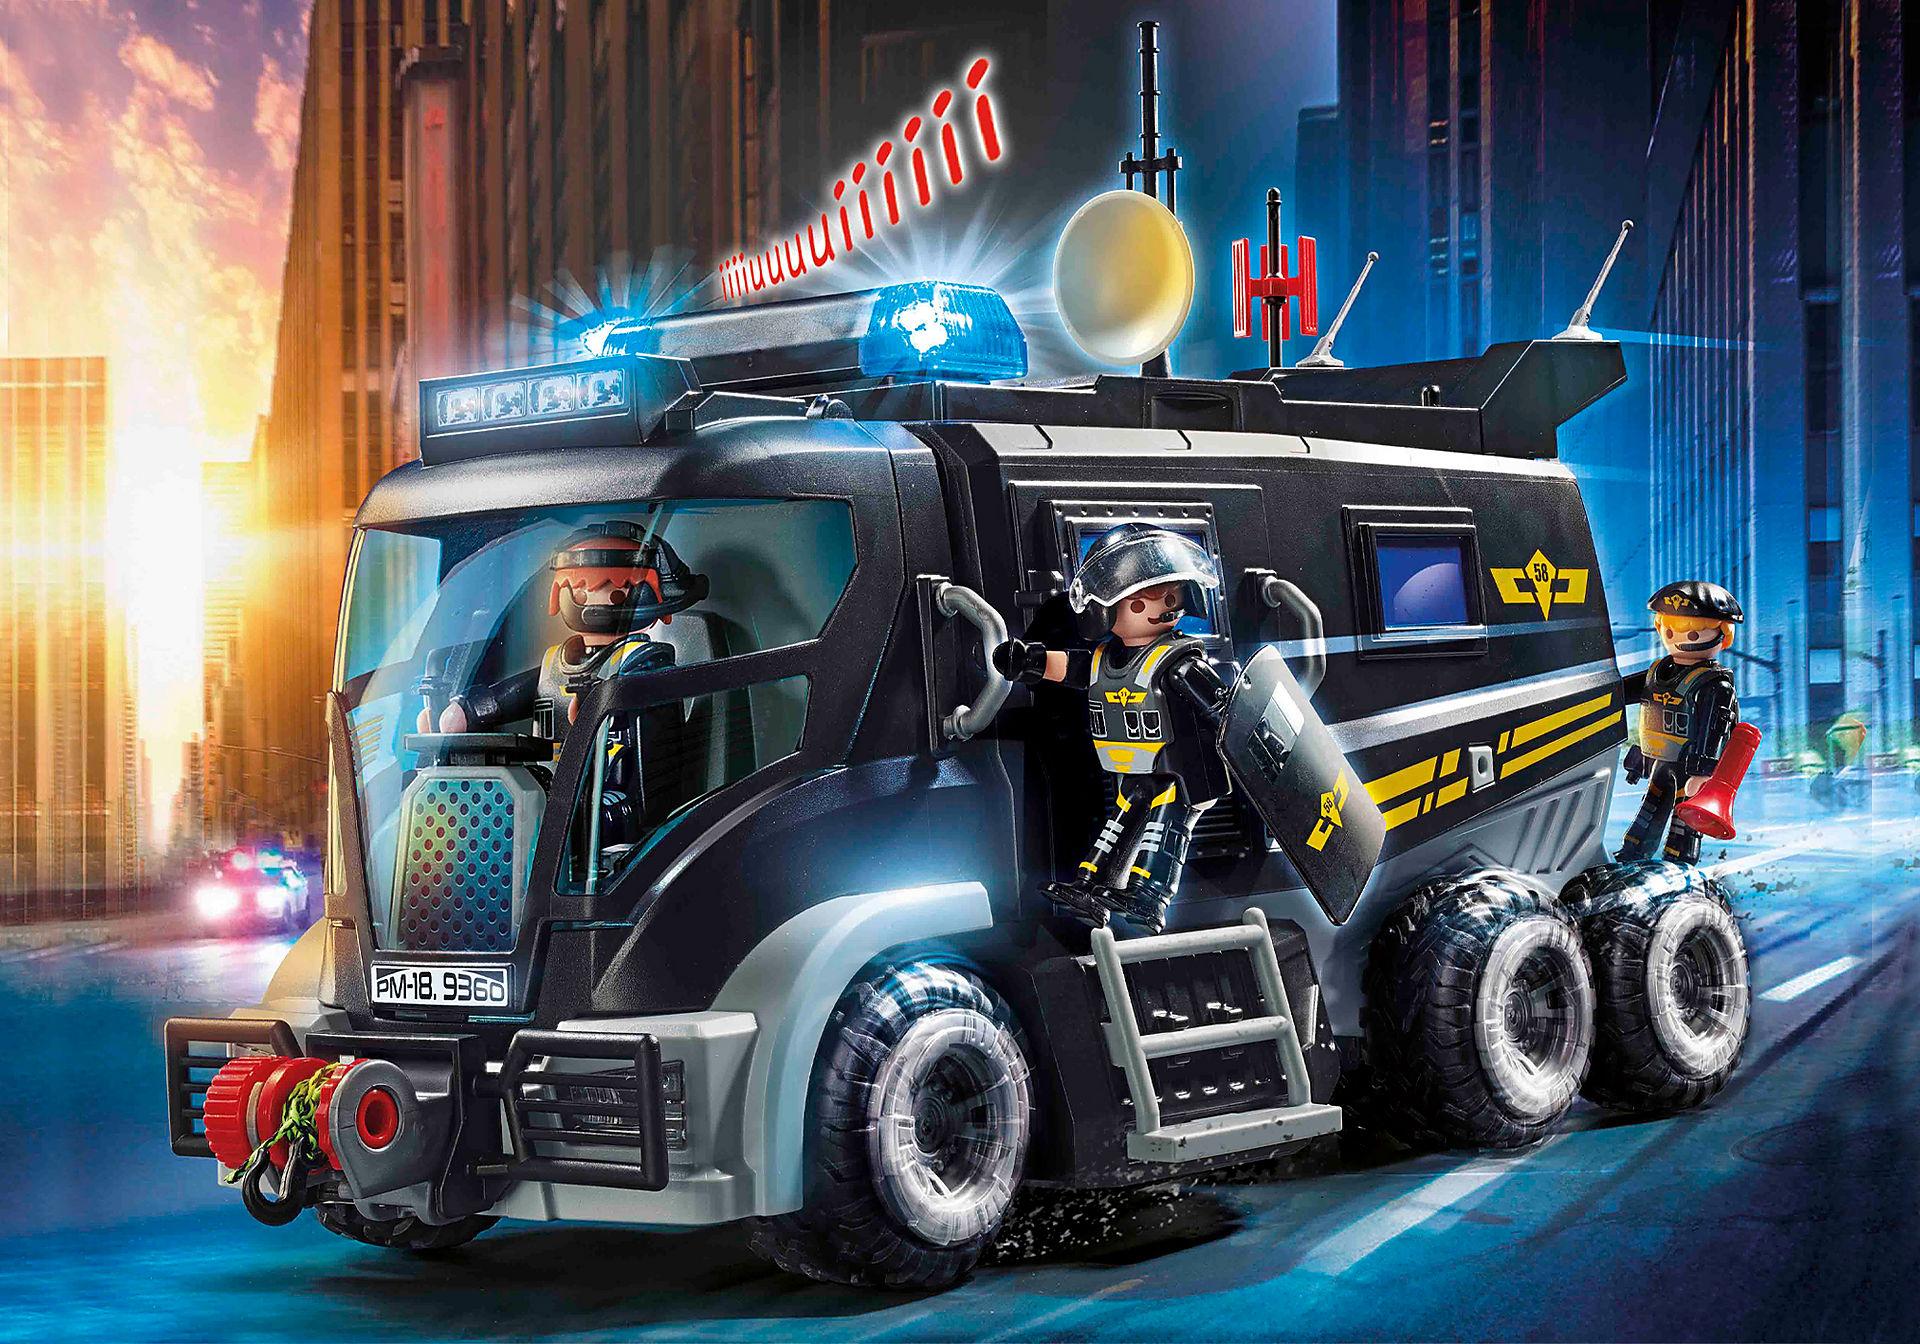 9360 Vehículo con luz LED y módulo de sonido zoom image1